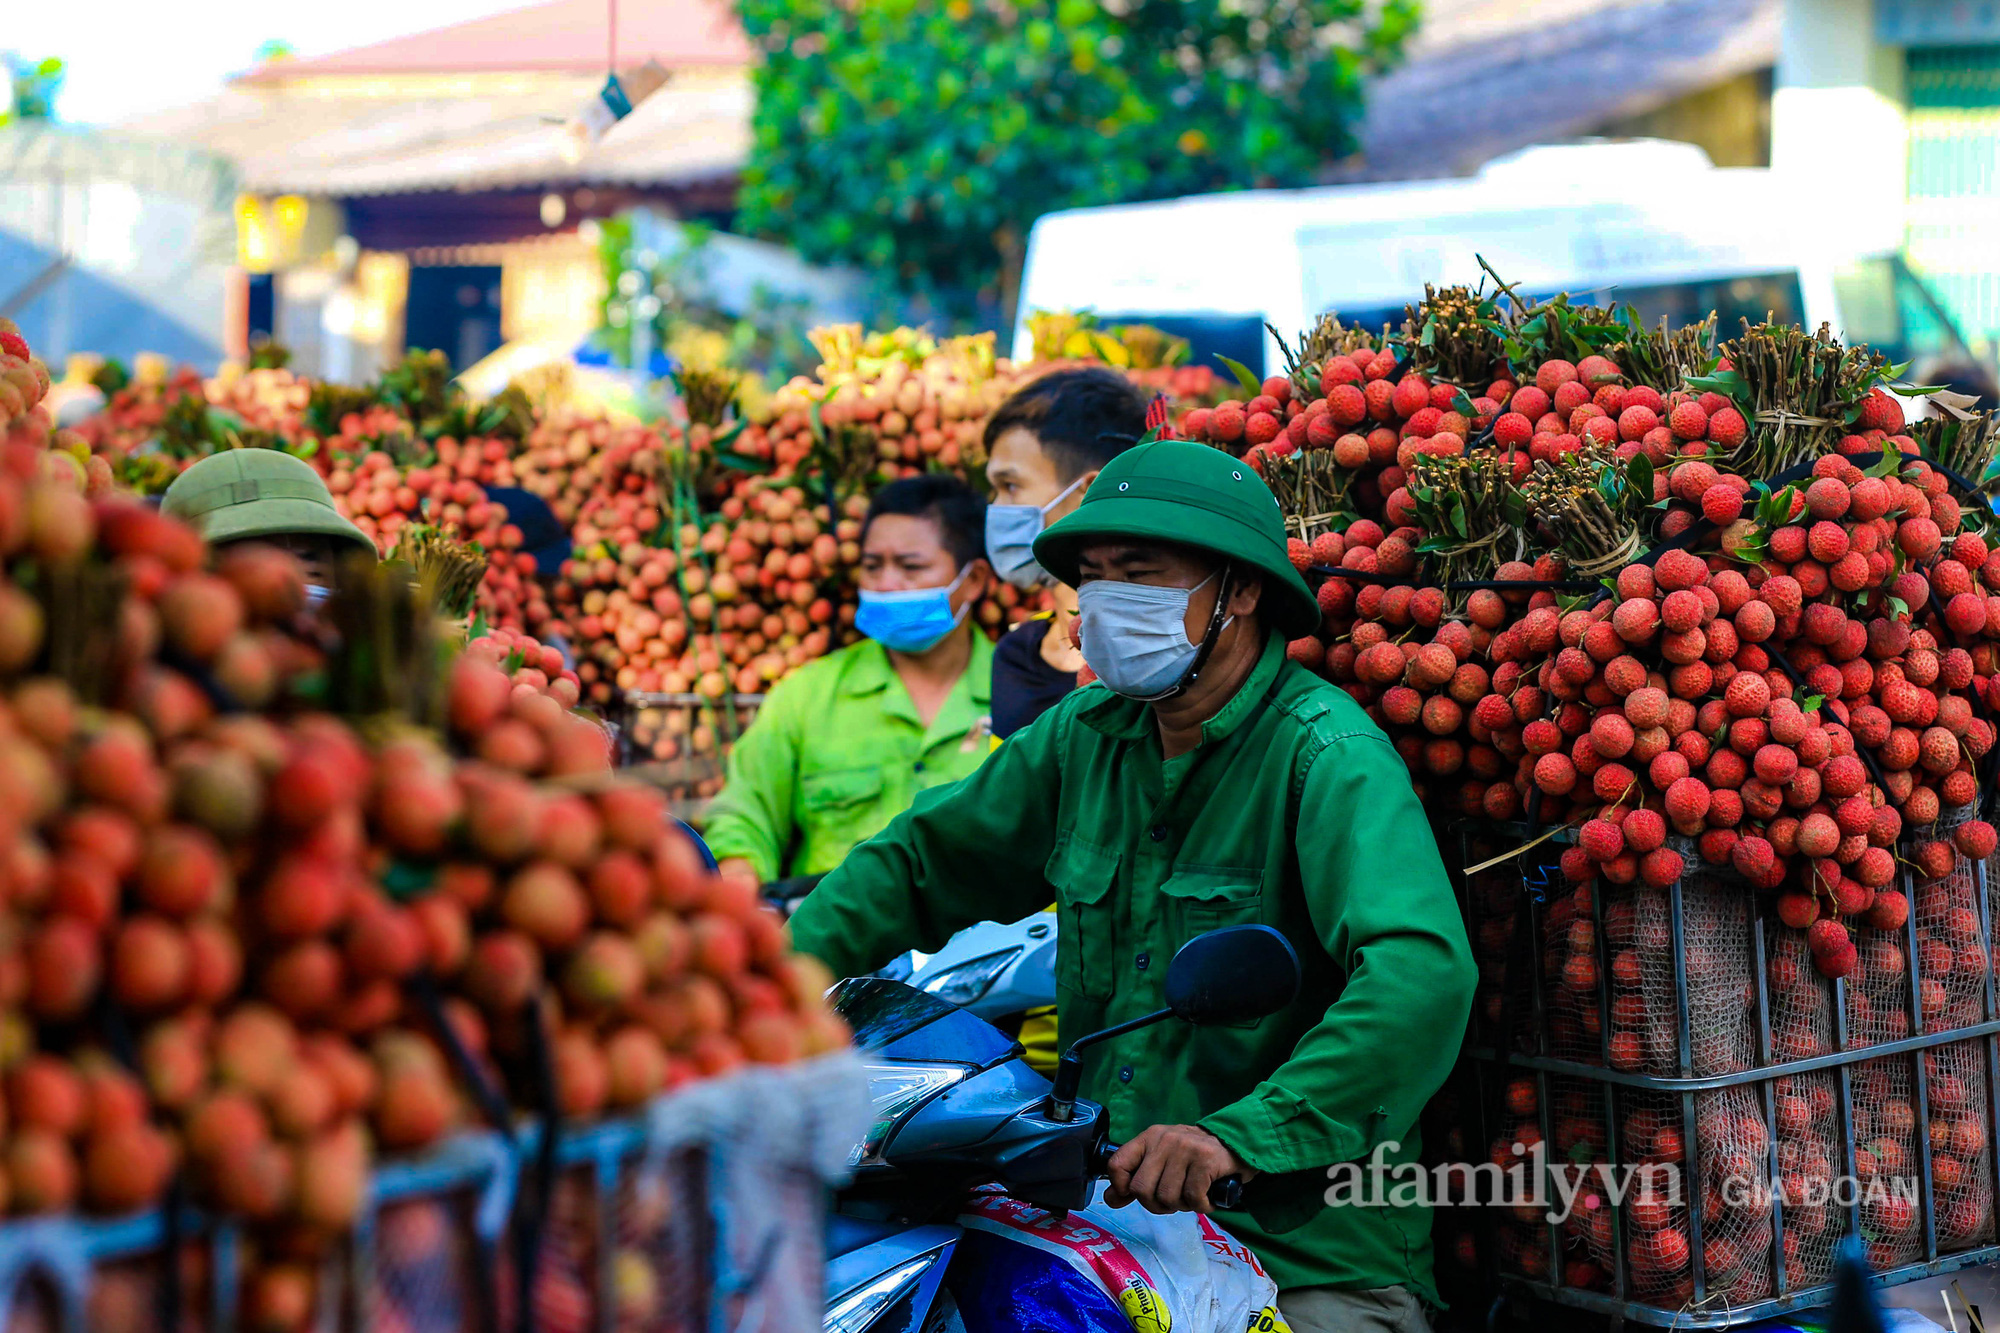 Chợ vải Bắc Giang nhộn nhịp vào mùa - Ảnh 13.